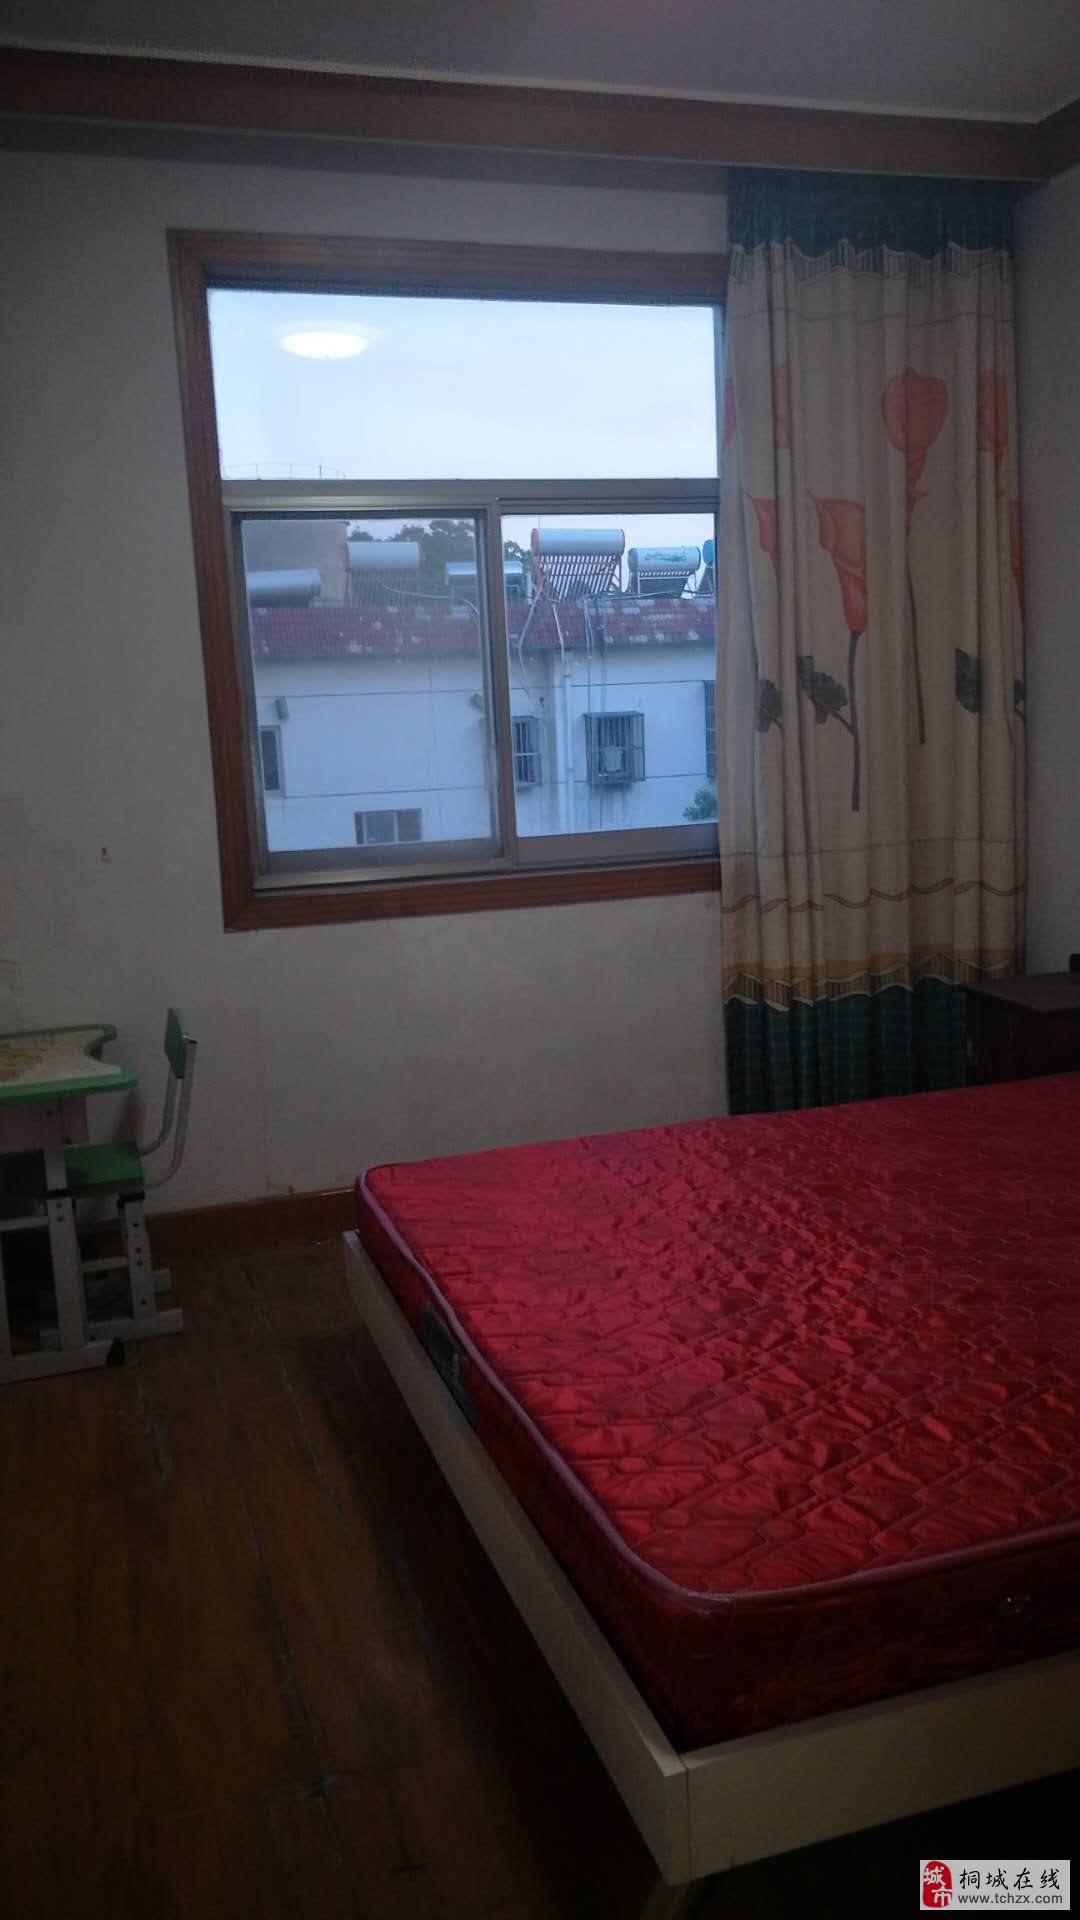 桐中隔壁,市医院宿舍楼,环境优美,住家宁静